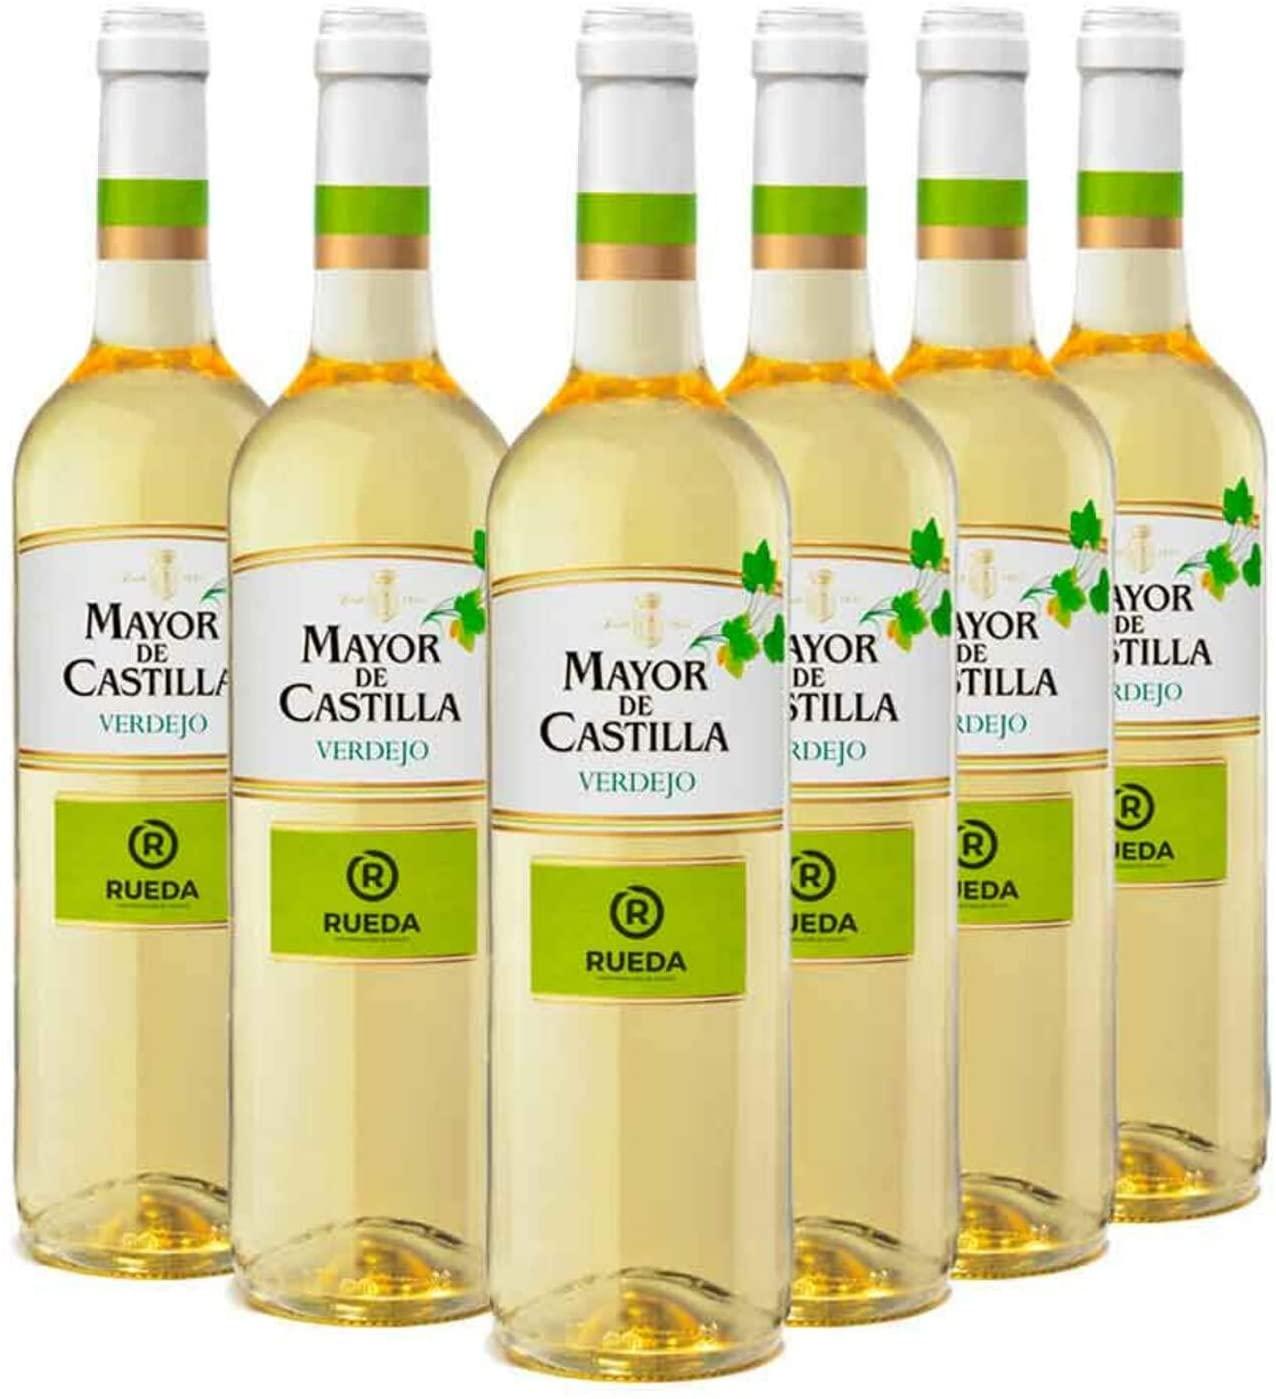 6x Vino Blanco D.O Rueda Mayor de Castilla Verdejo